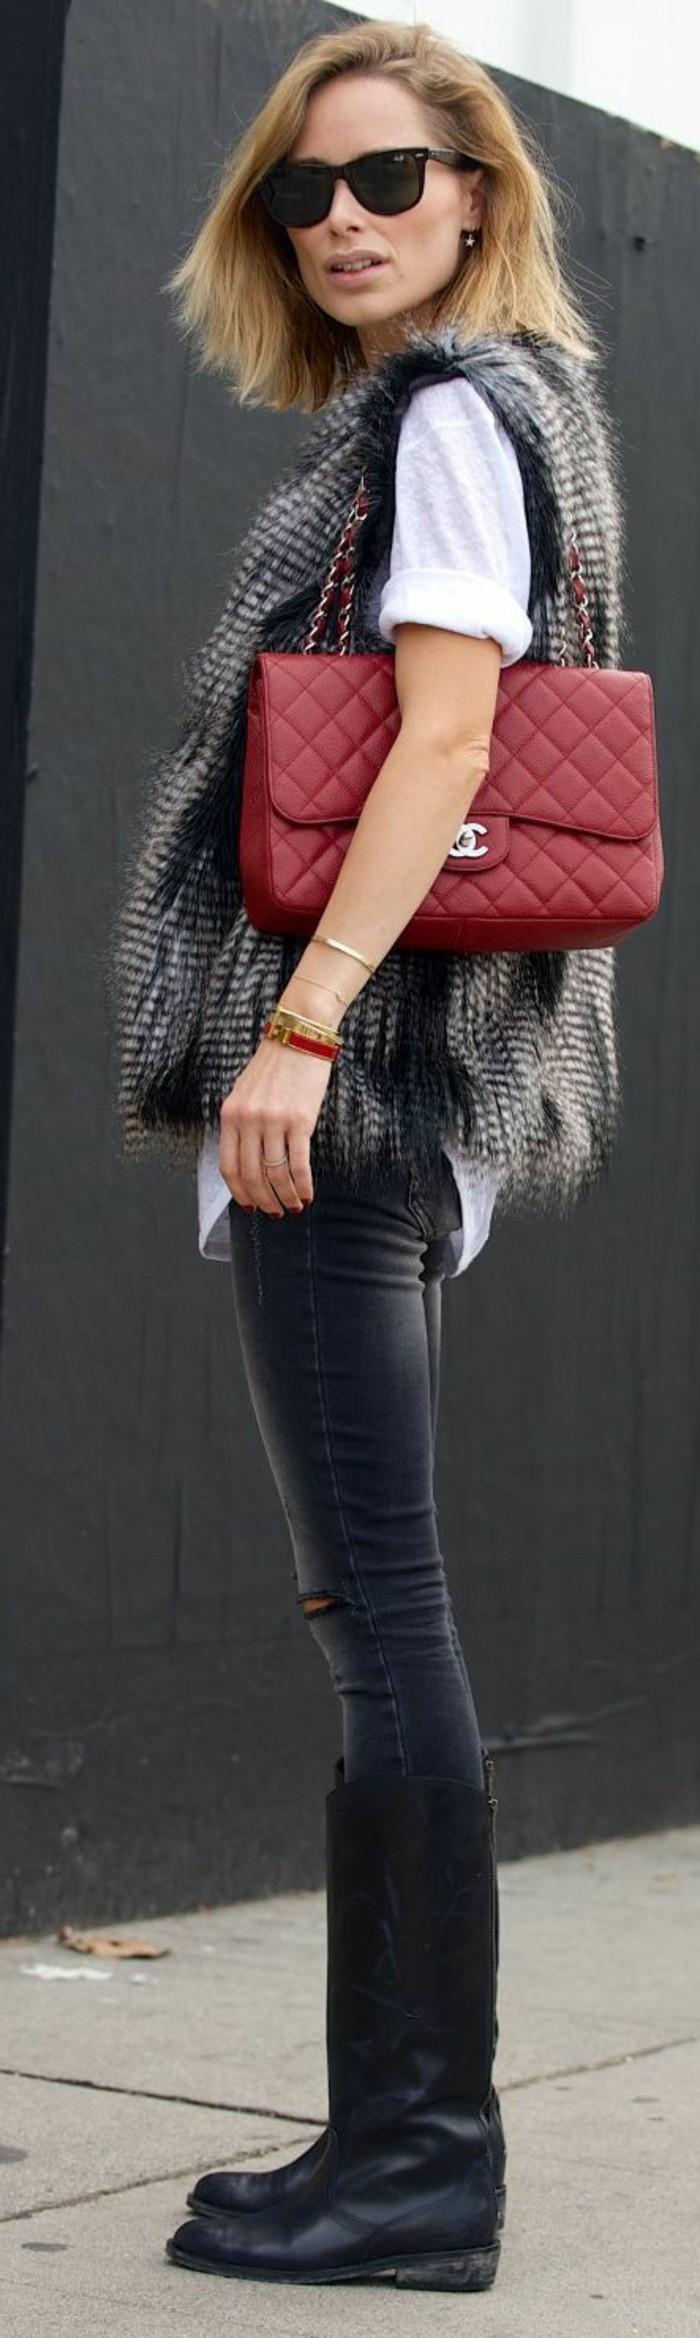 sac-a-main-channel-en-cuir-rouge-veste-sans-manche-femme-fourrure-gris-t-shirt-blanc